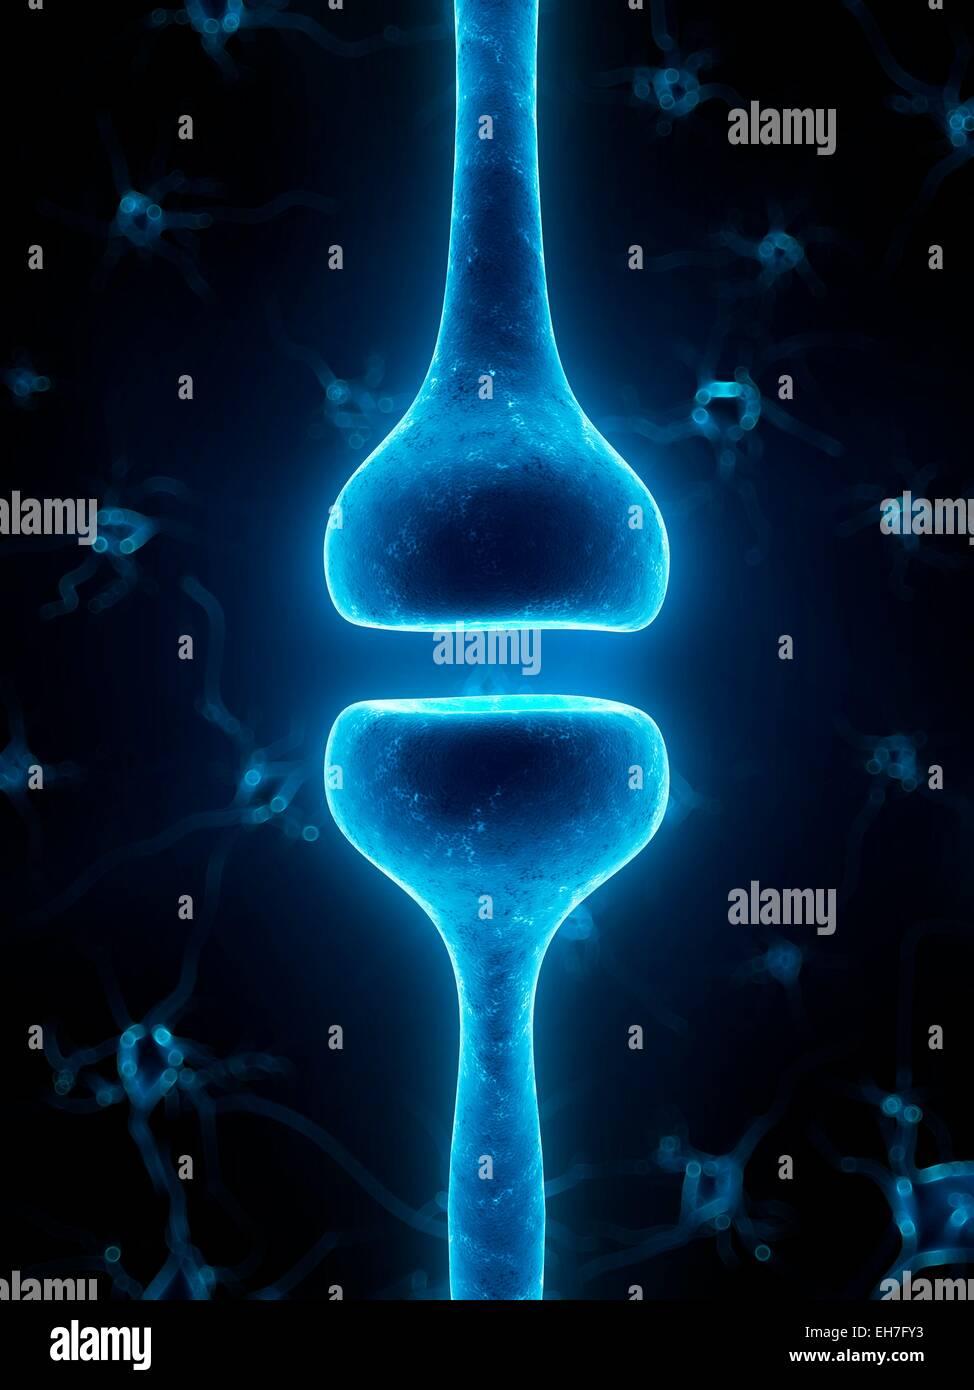 Human synapse, artwork Stock Photo